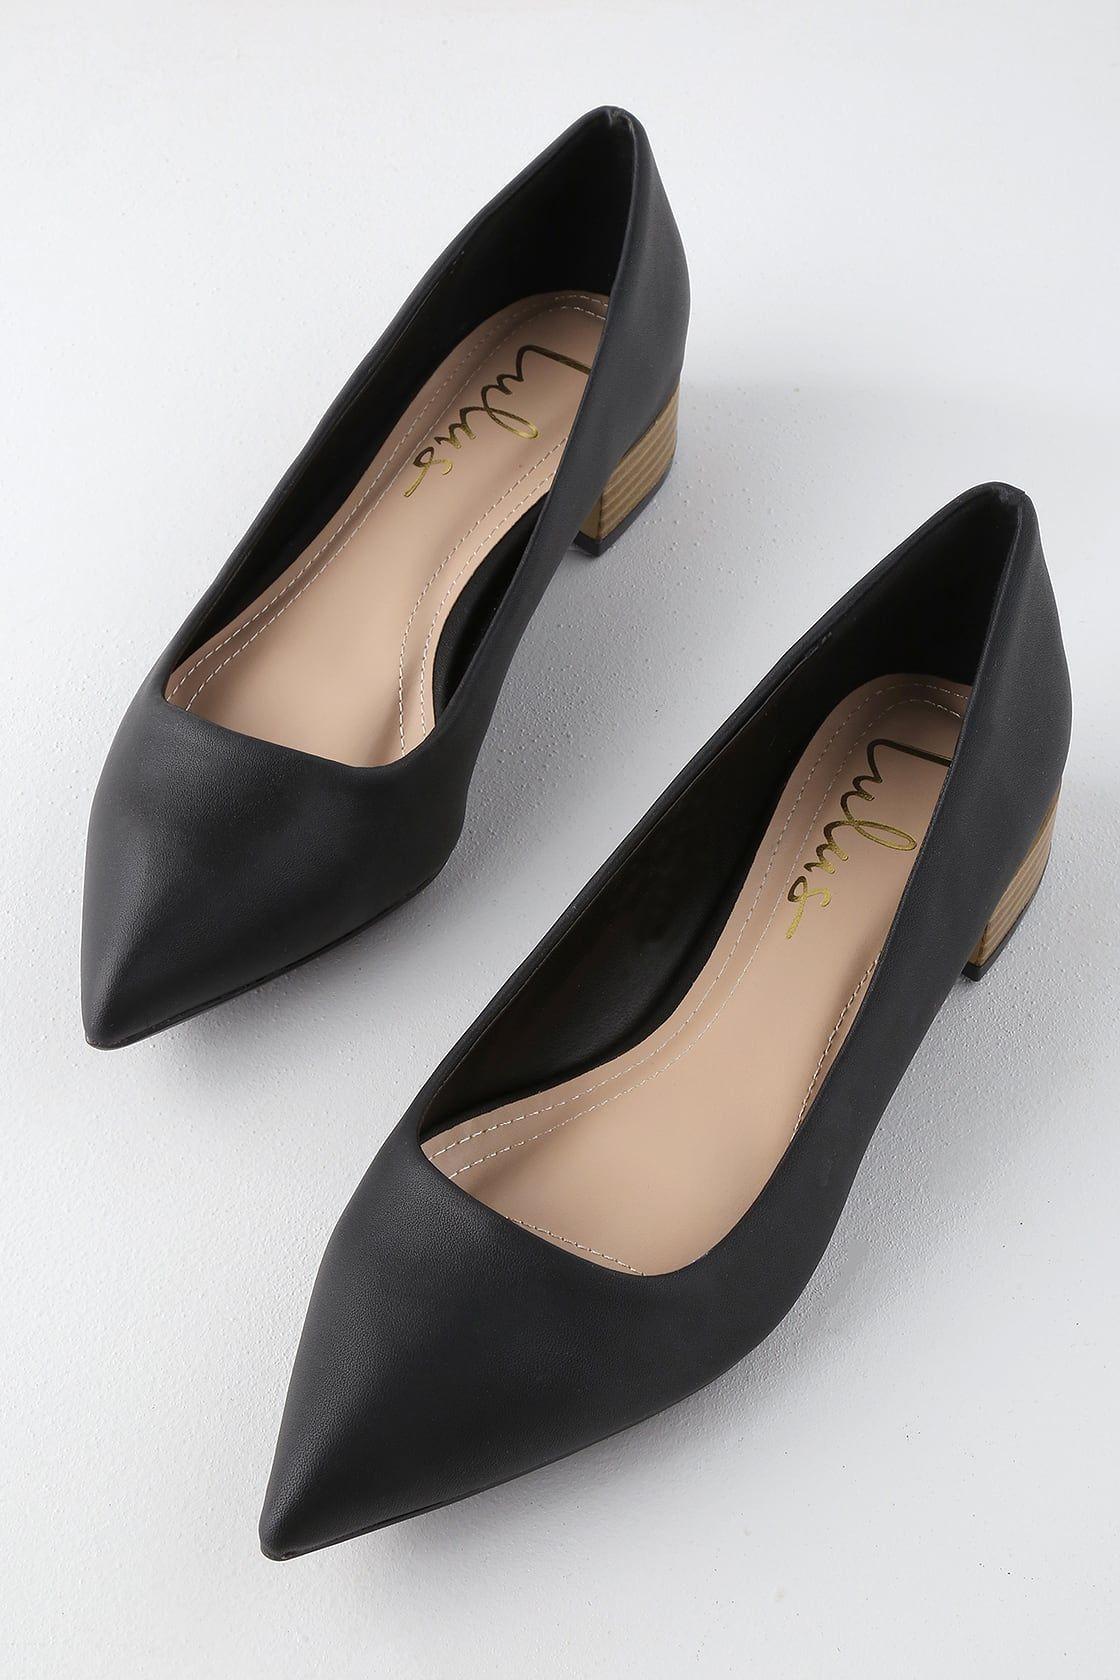 Alessia Black Low Pointed Toe Heels Black Heels Low Pointed Toe Heels Shoes Too Big